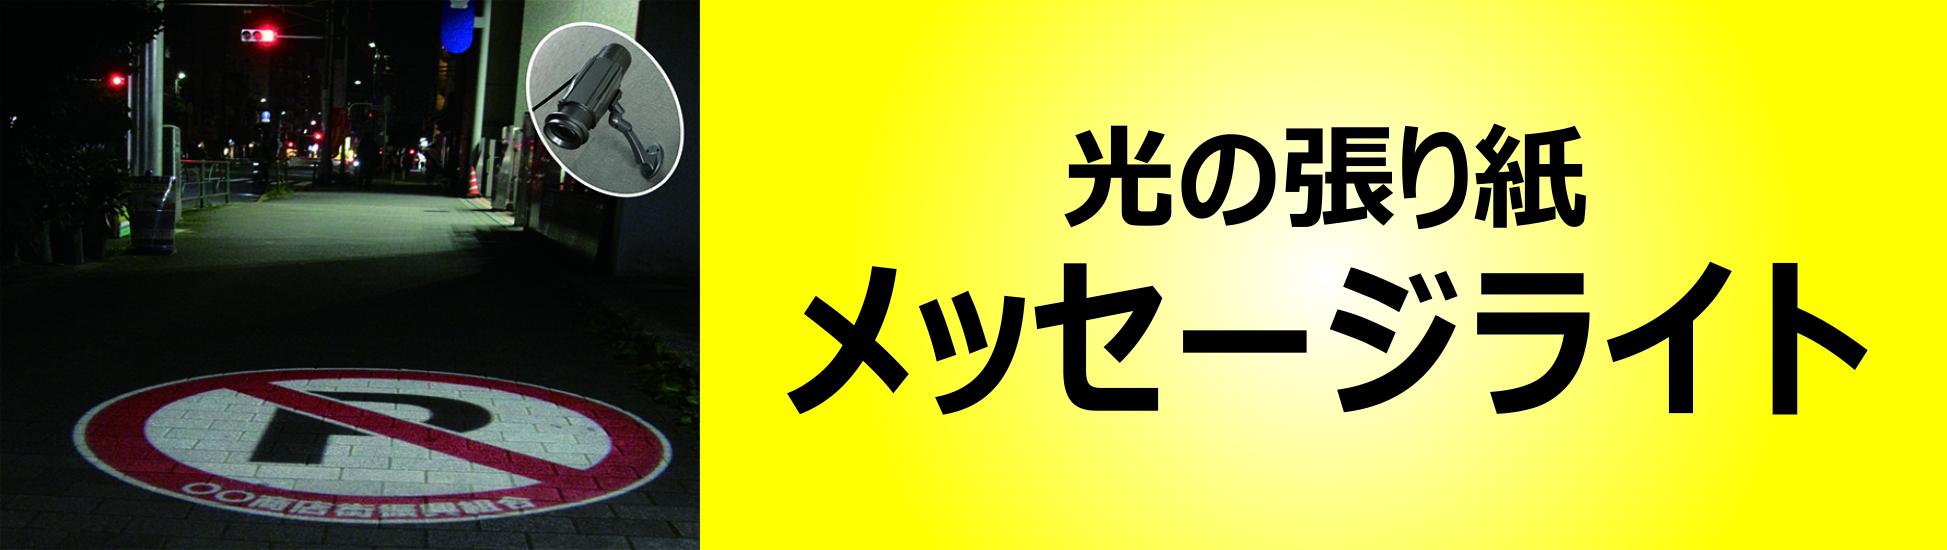 メッセージライト(MESSEAGE-LIGHT)